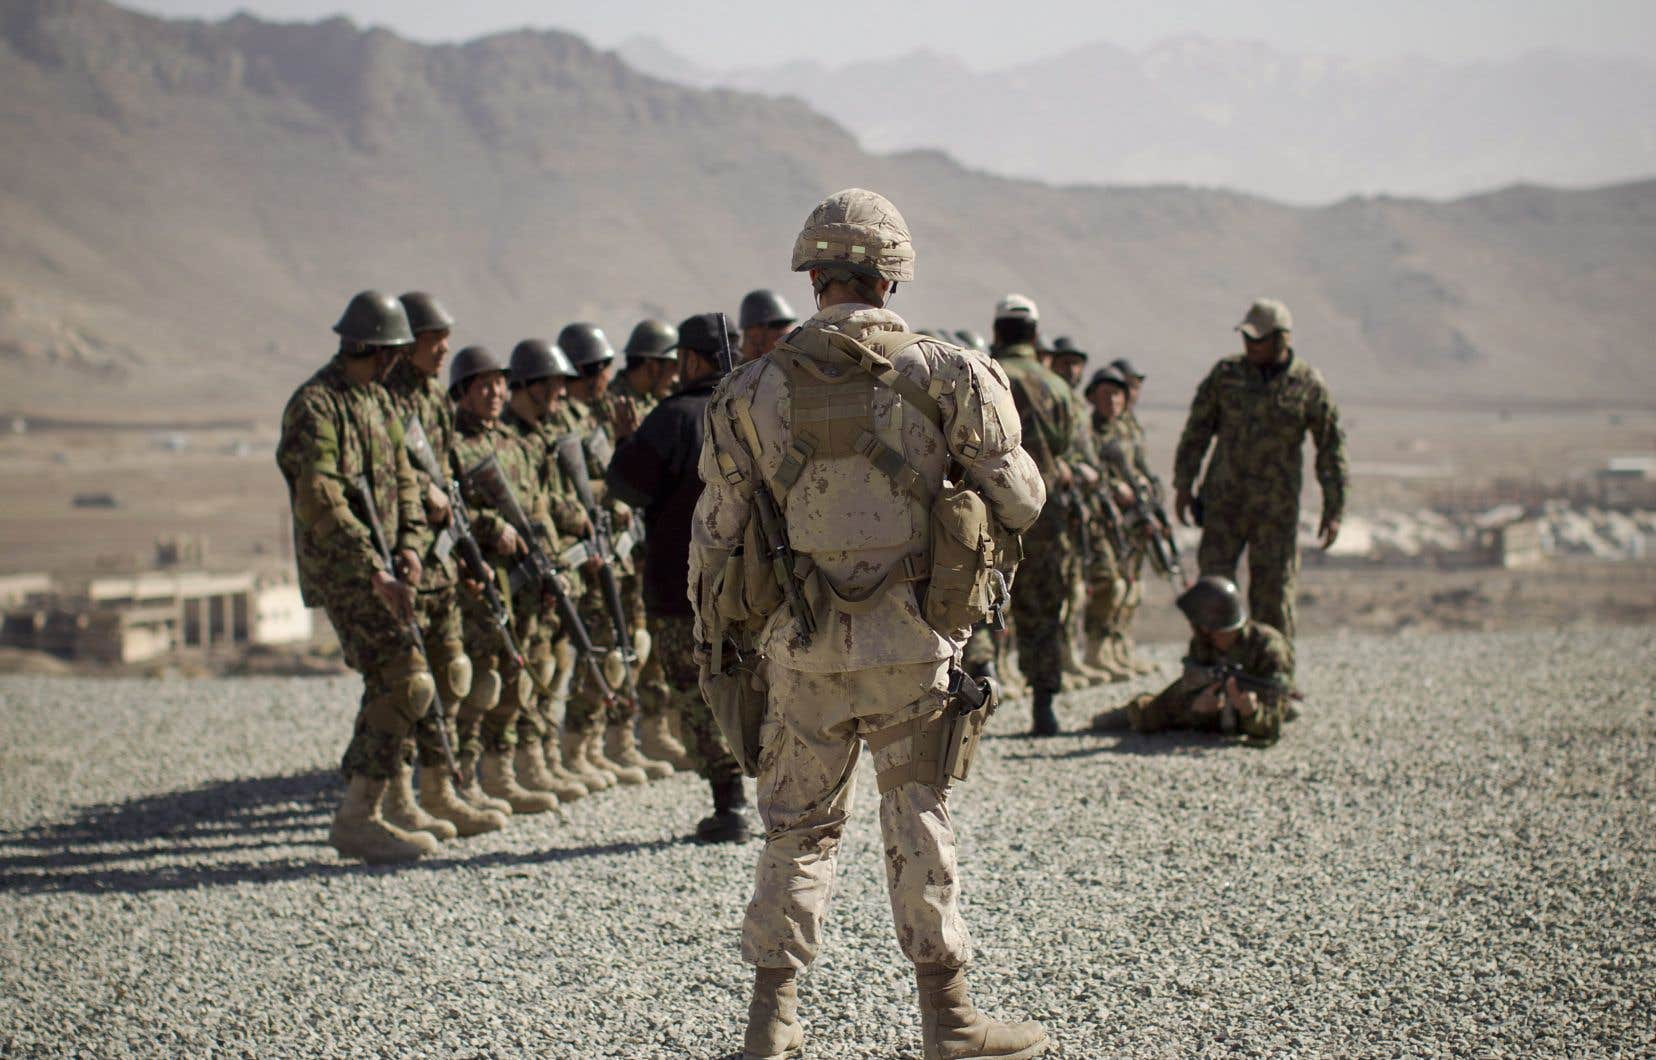 Un soldat des Forces armées canadiennes encadre une séance d'entraînement des soldats de l'Armée nationale afghane au Centre d'entraînement militaire de Kaboul, en Afghanistan, le mercredi 7mars 2012.